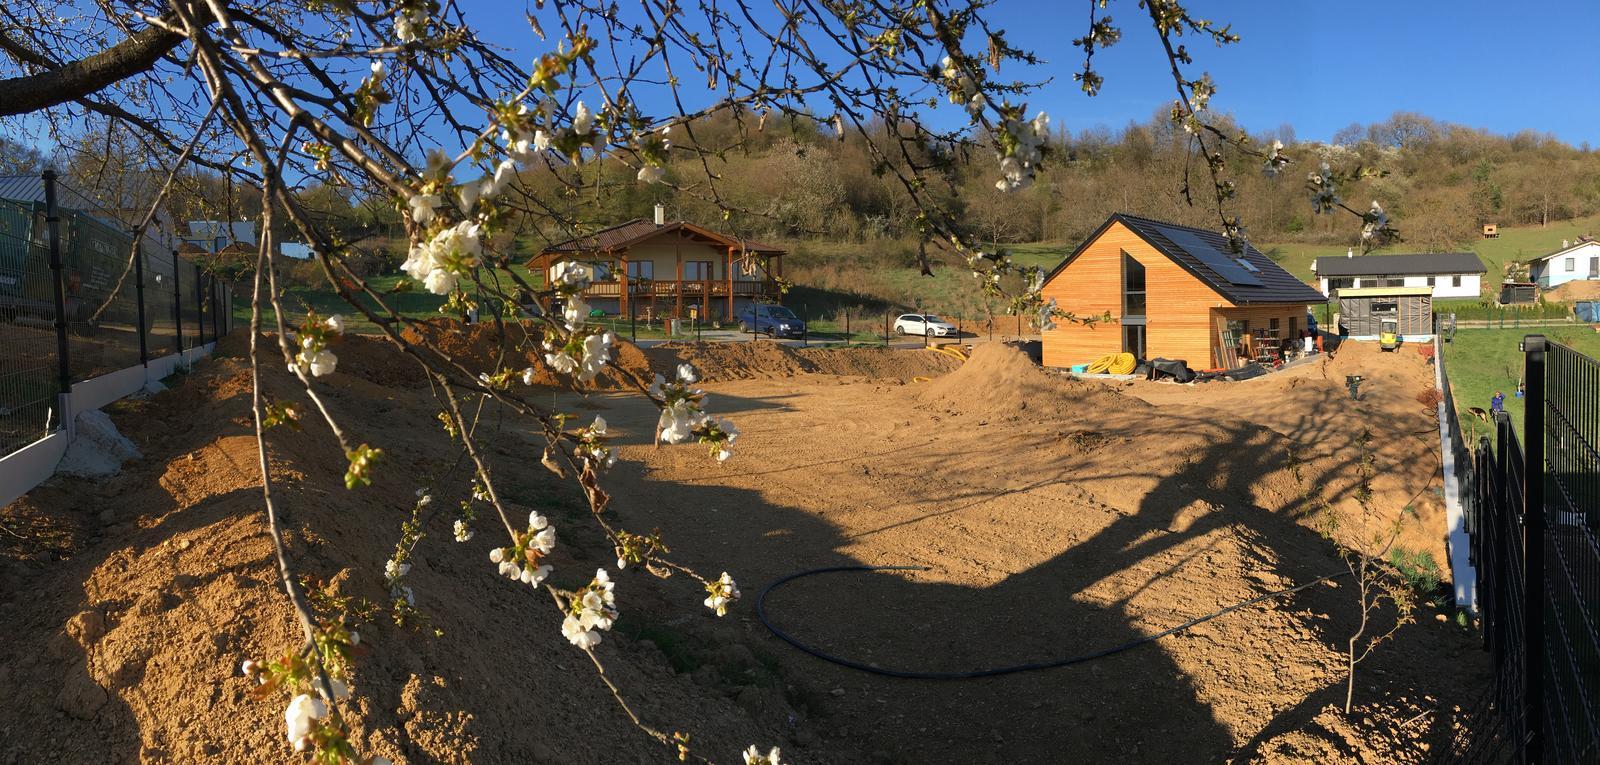 Záhrada v starom sade - Západ slnka spod čerešne - Začali sme hrubé práce na záhrade